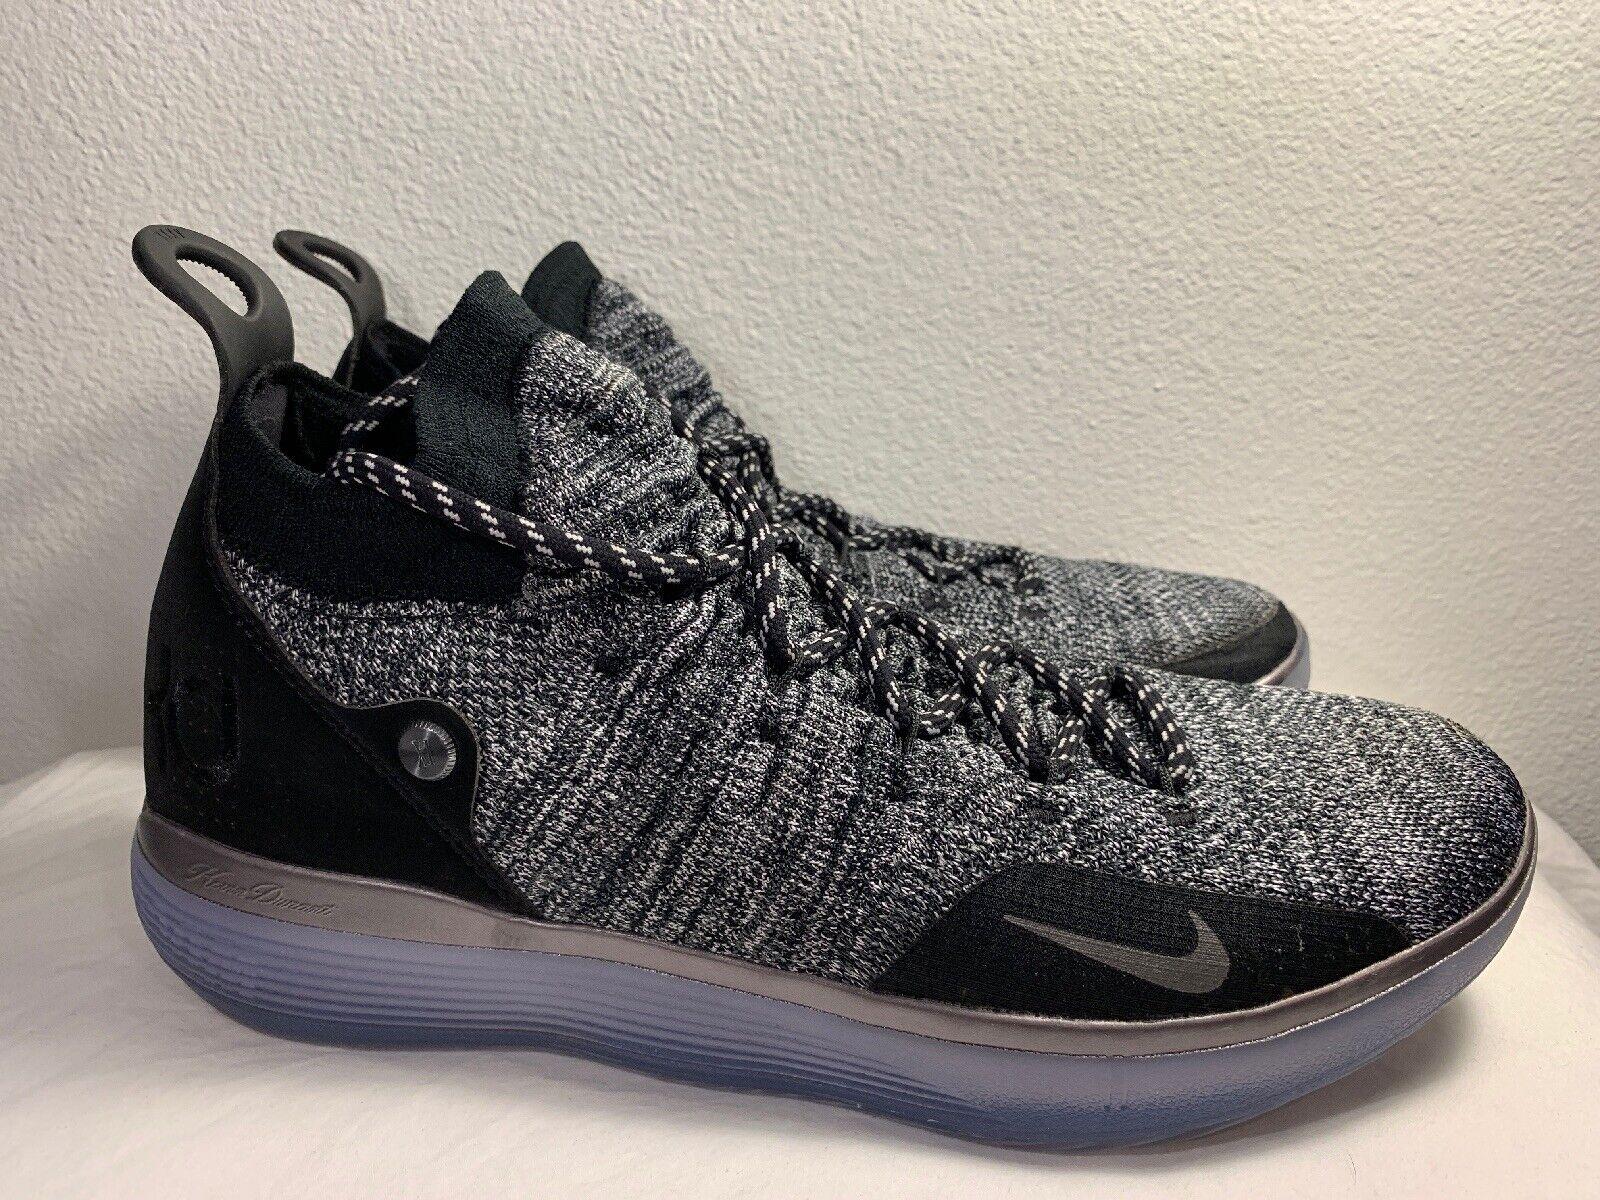 Nike Zoom KD 11  Still KD  - Oreo - AO2604-004 - Men's Size 11